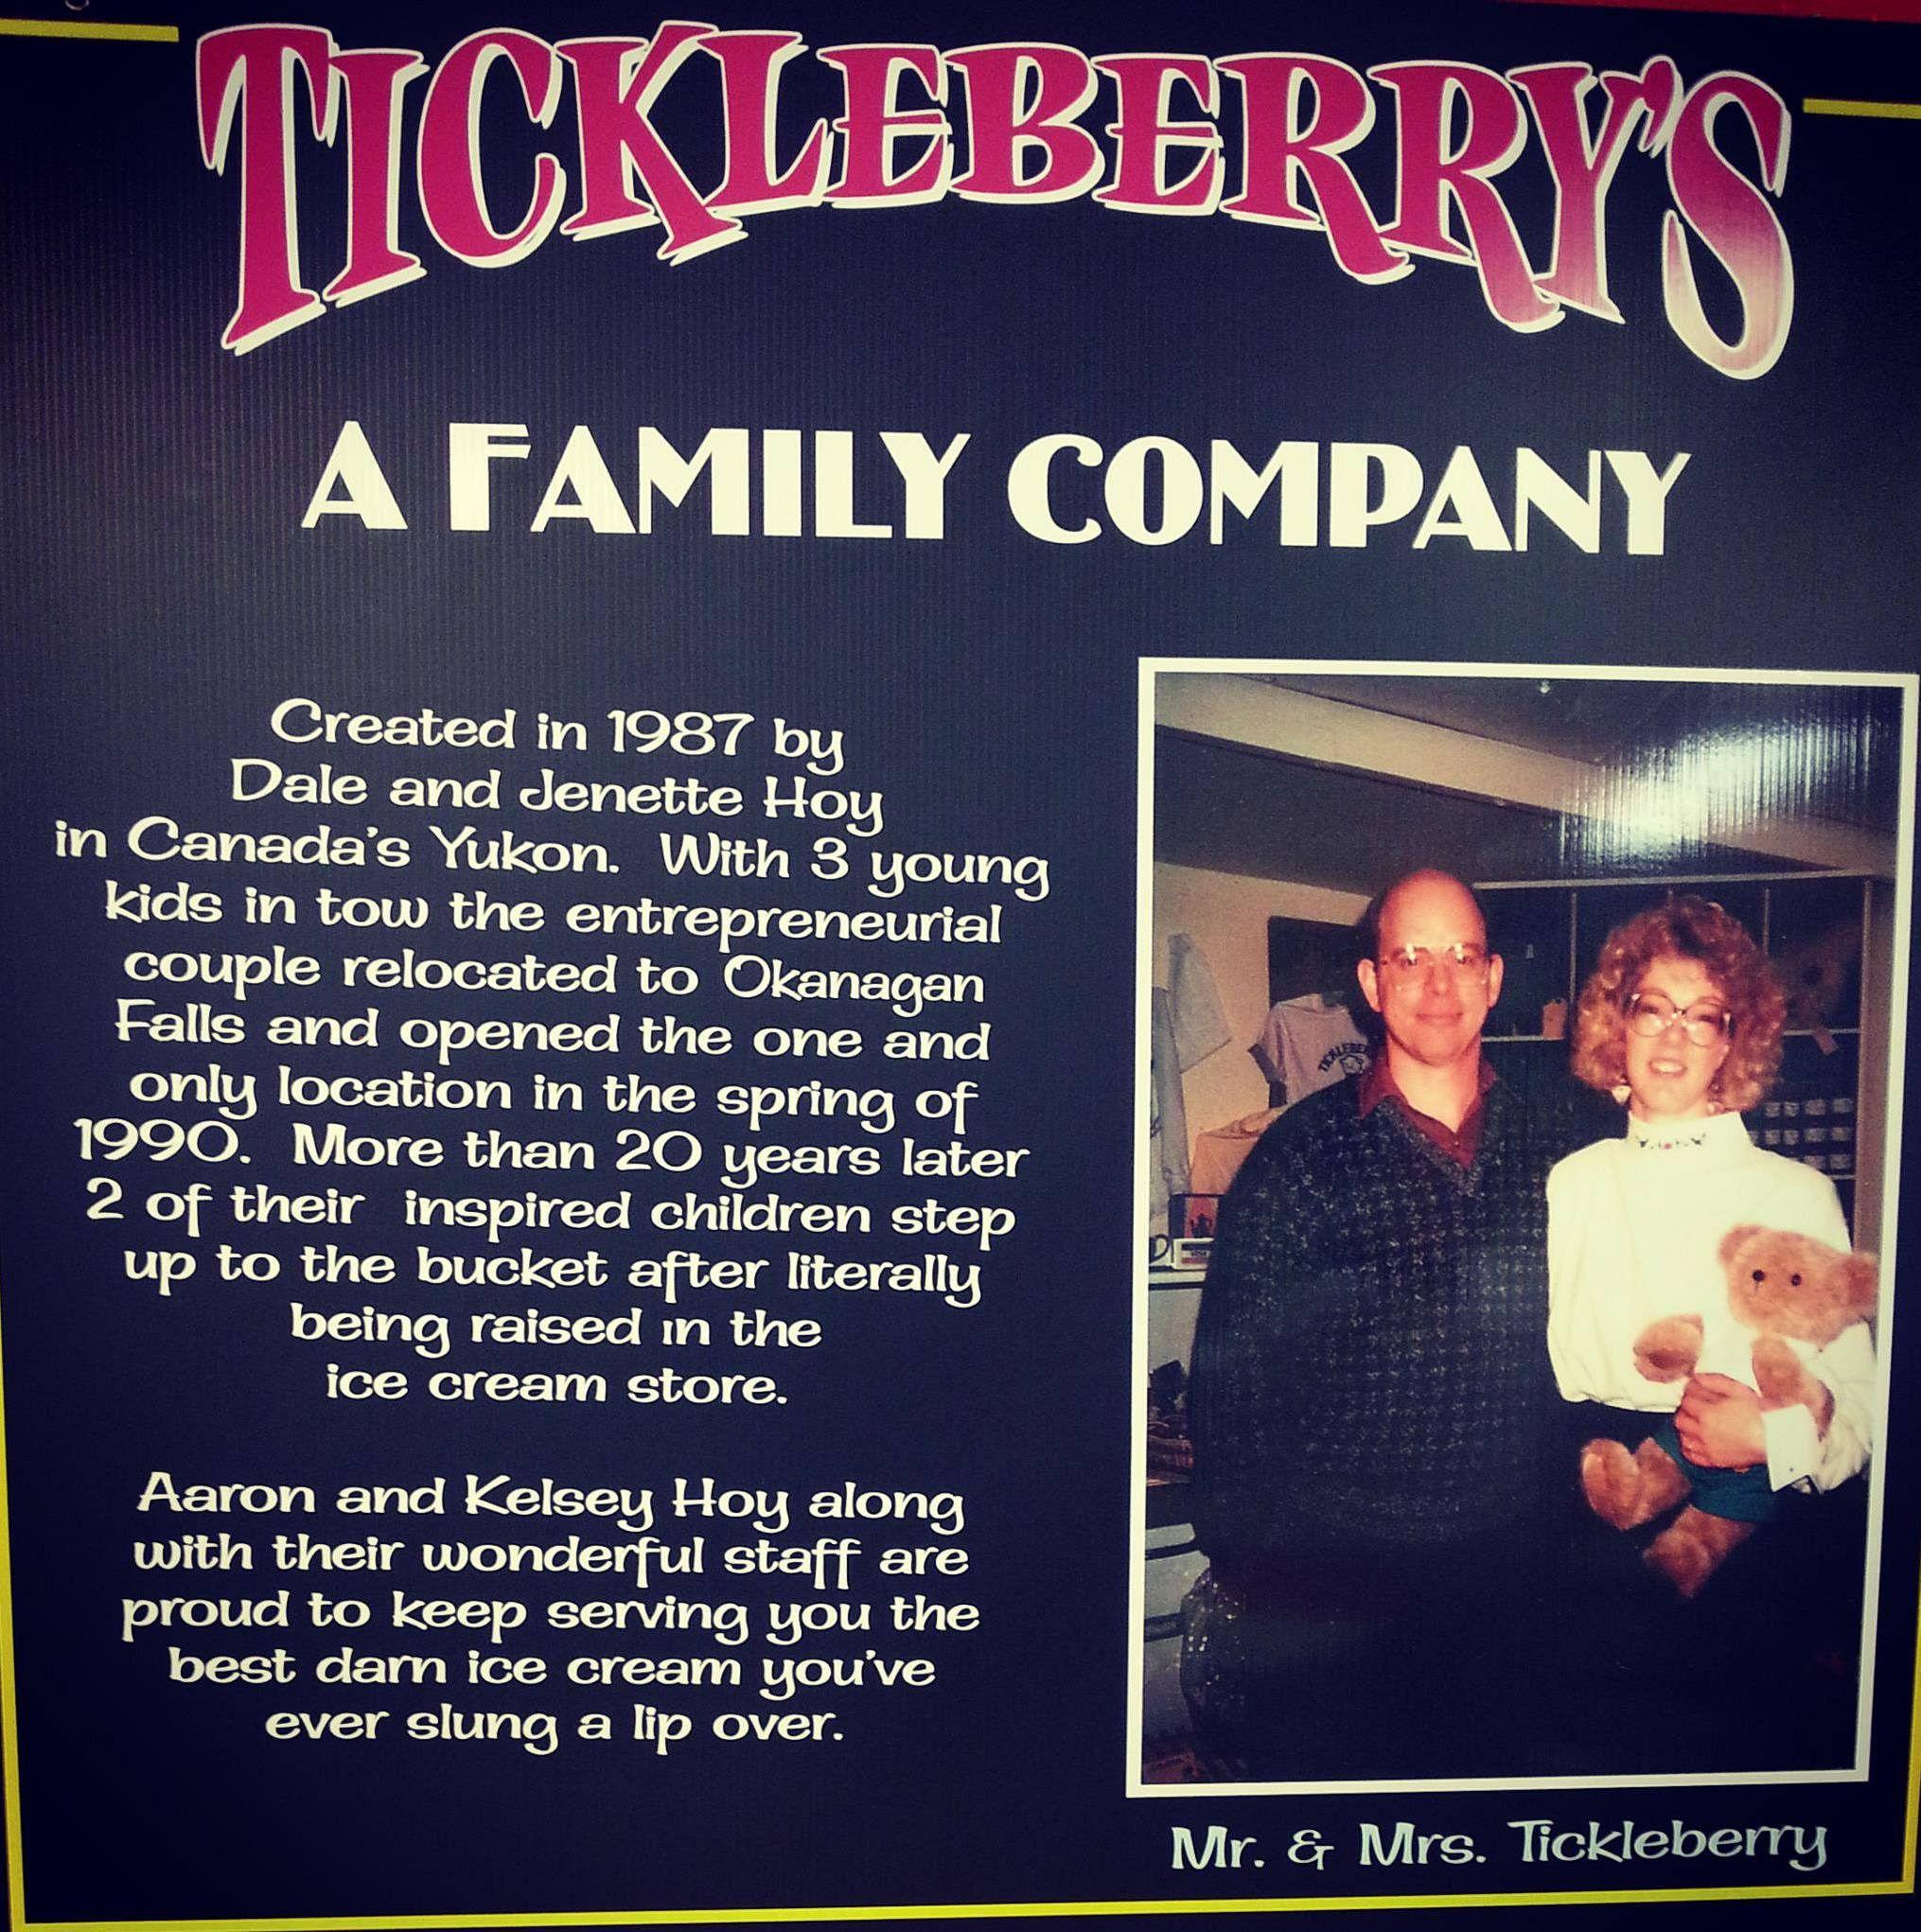 Tickleberry's